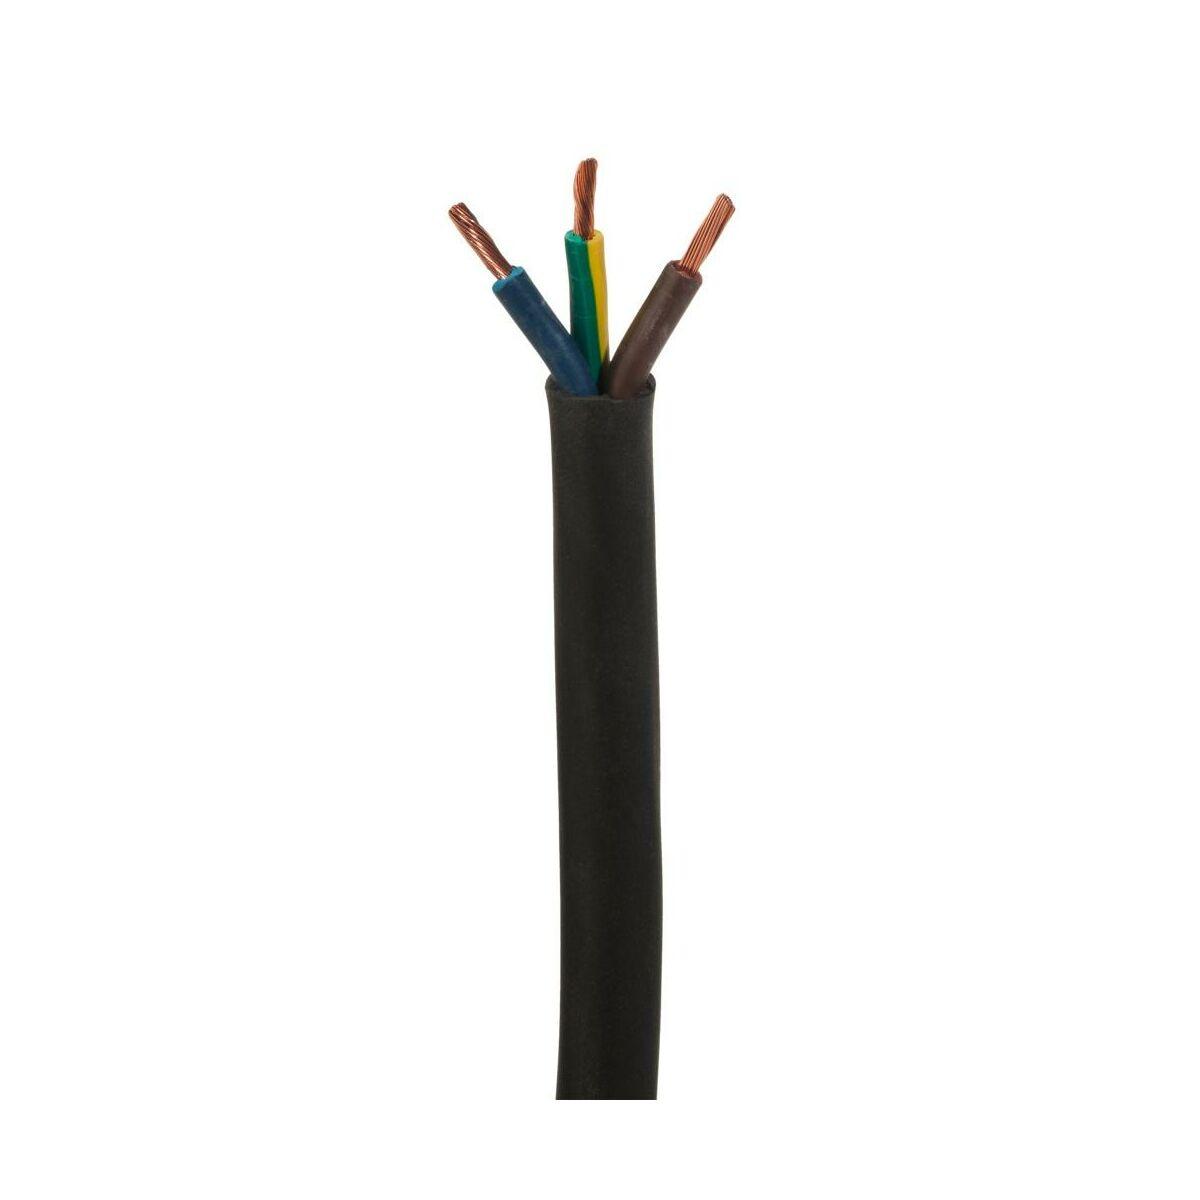 Przywiazanie Kierowca Logiczny Kabel 3x2 5 Leroy Goen Pl